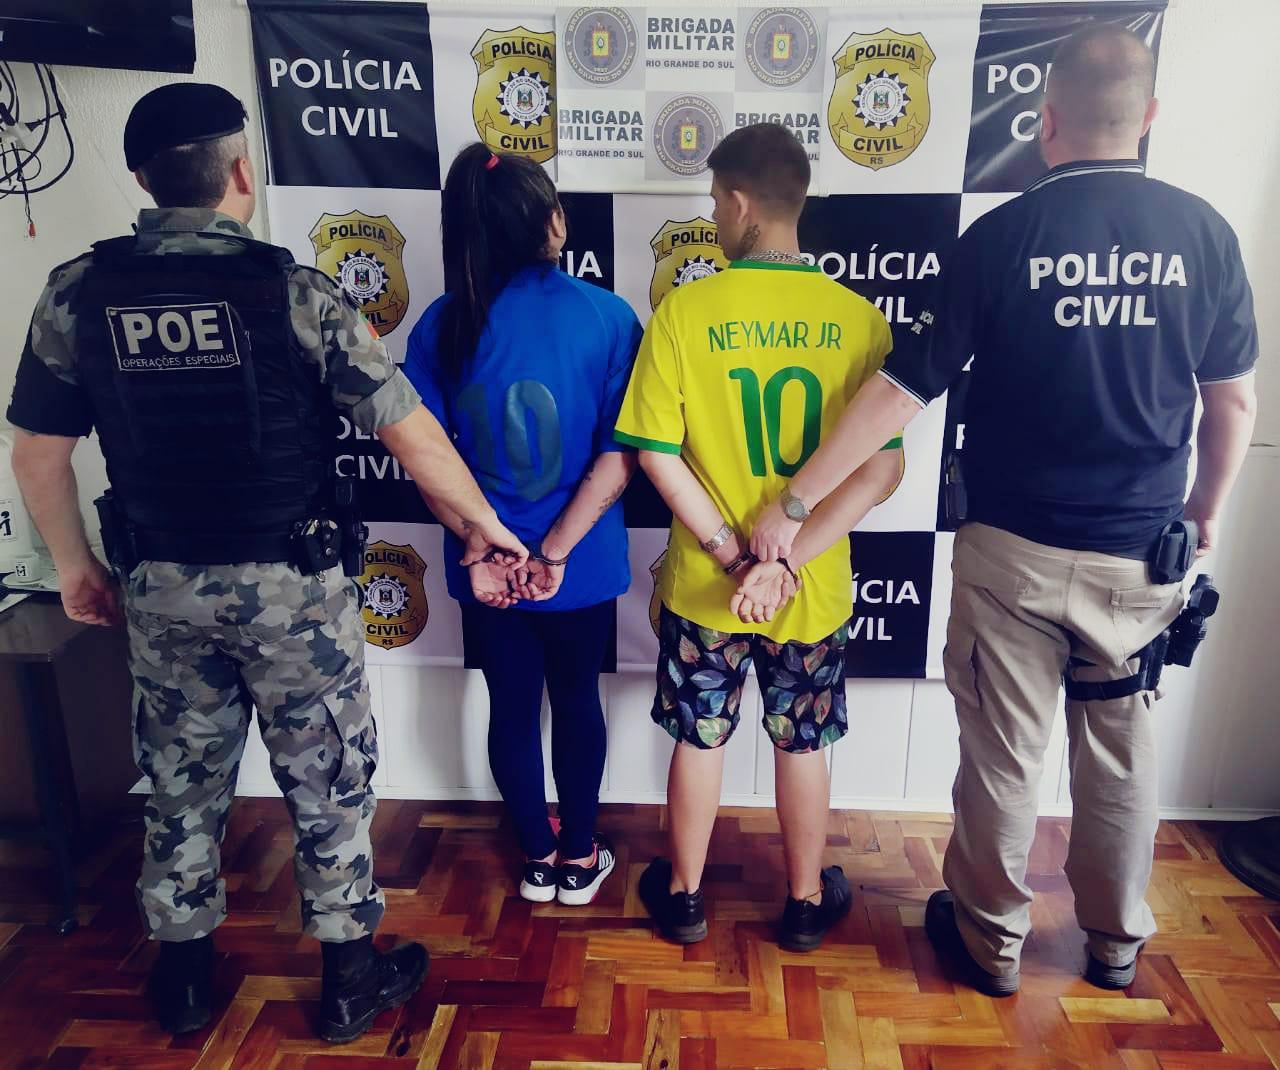 Casal é preso por tráfico de drogas em Veranópolis